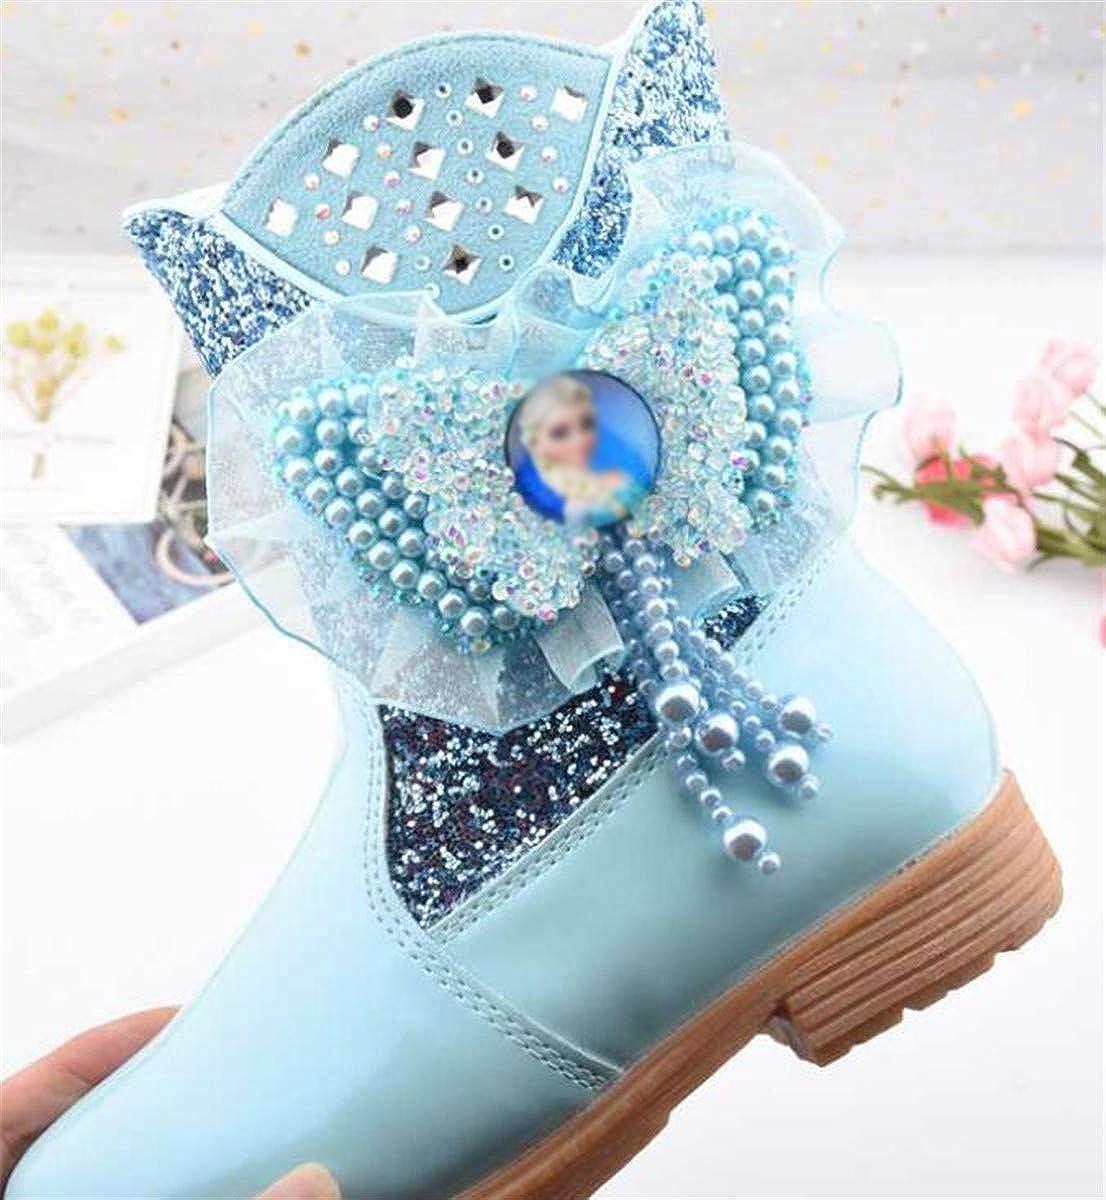 LCXYYY Princesse Filles Bottes De Neige Enfants Chaussures Accessoires De Costume Bottes Hautes dhiver Plat avec Doublure Doubl/ée Chaude en Plein Air Glitter Paillettes Festive Carnaval Anniversaire